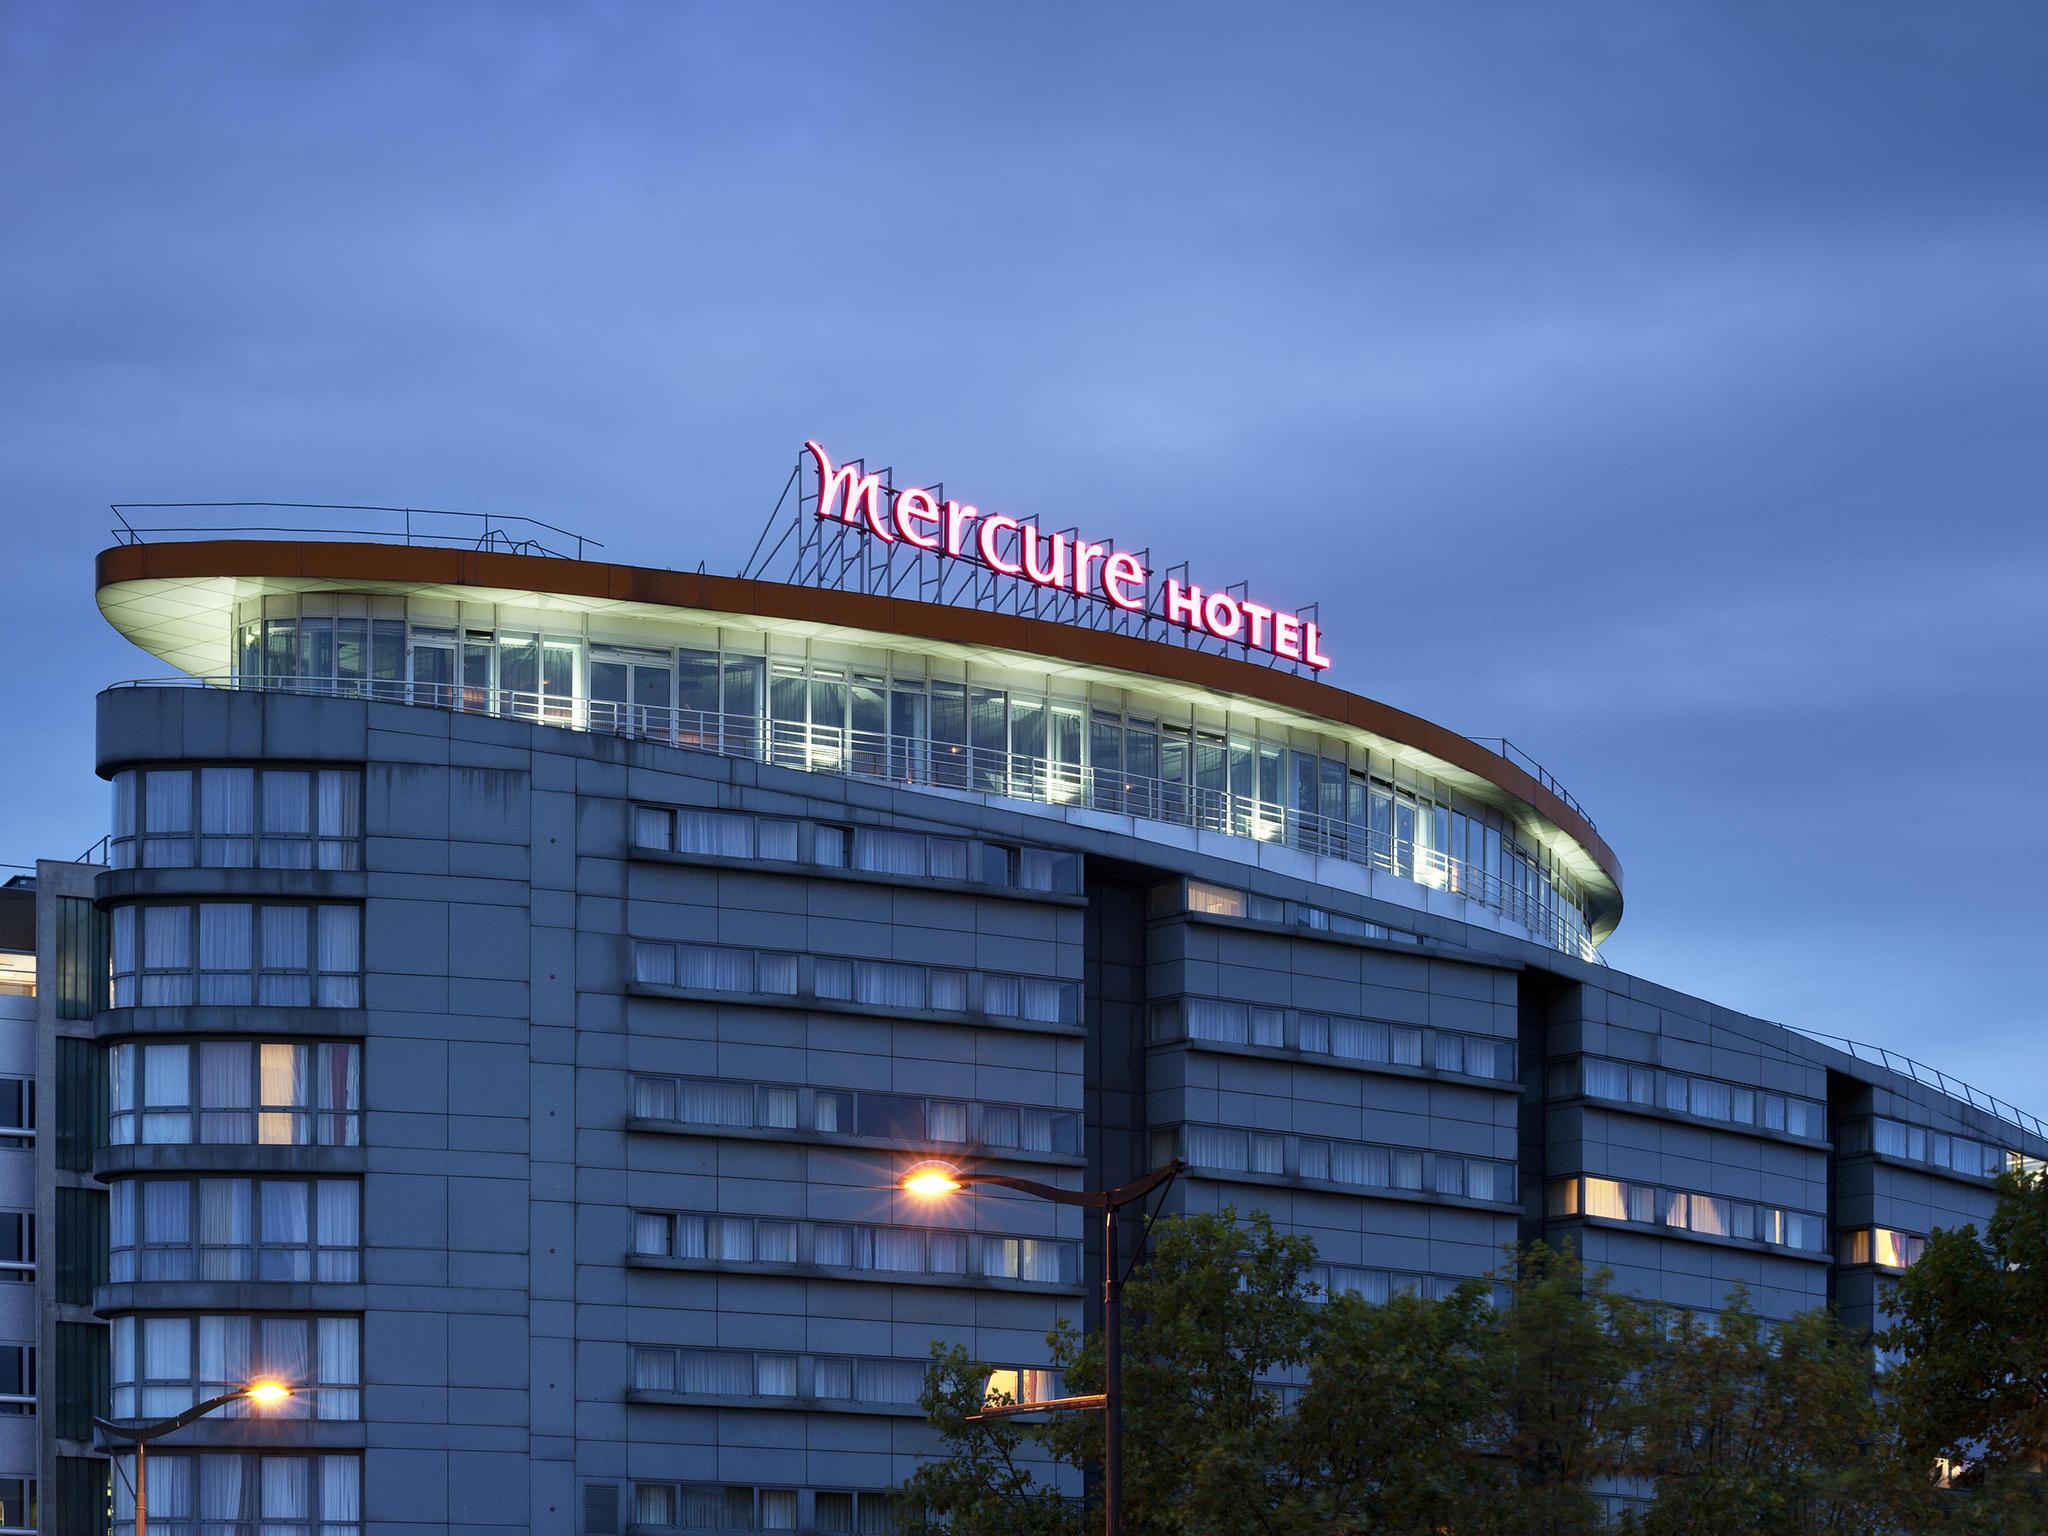 酒店 – 巴黎拉维莱特美居酒店